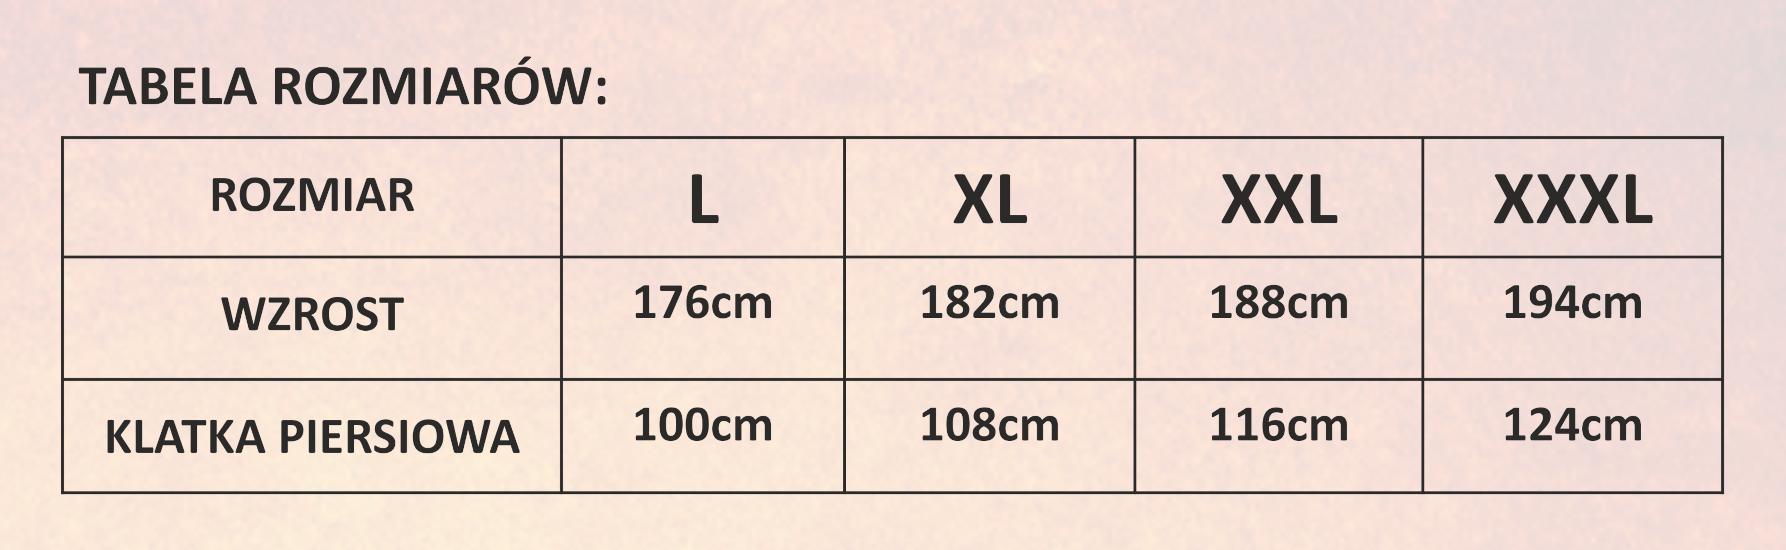 Tabela rozmiarów dla kamizelek siateczkowych 100g